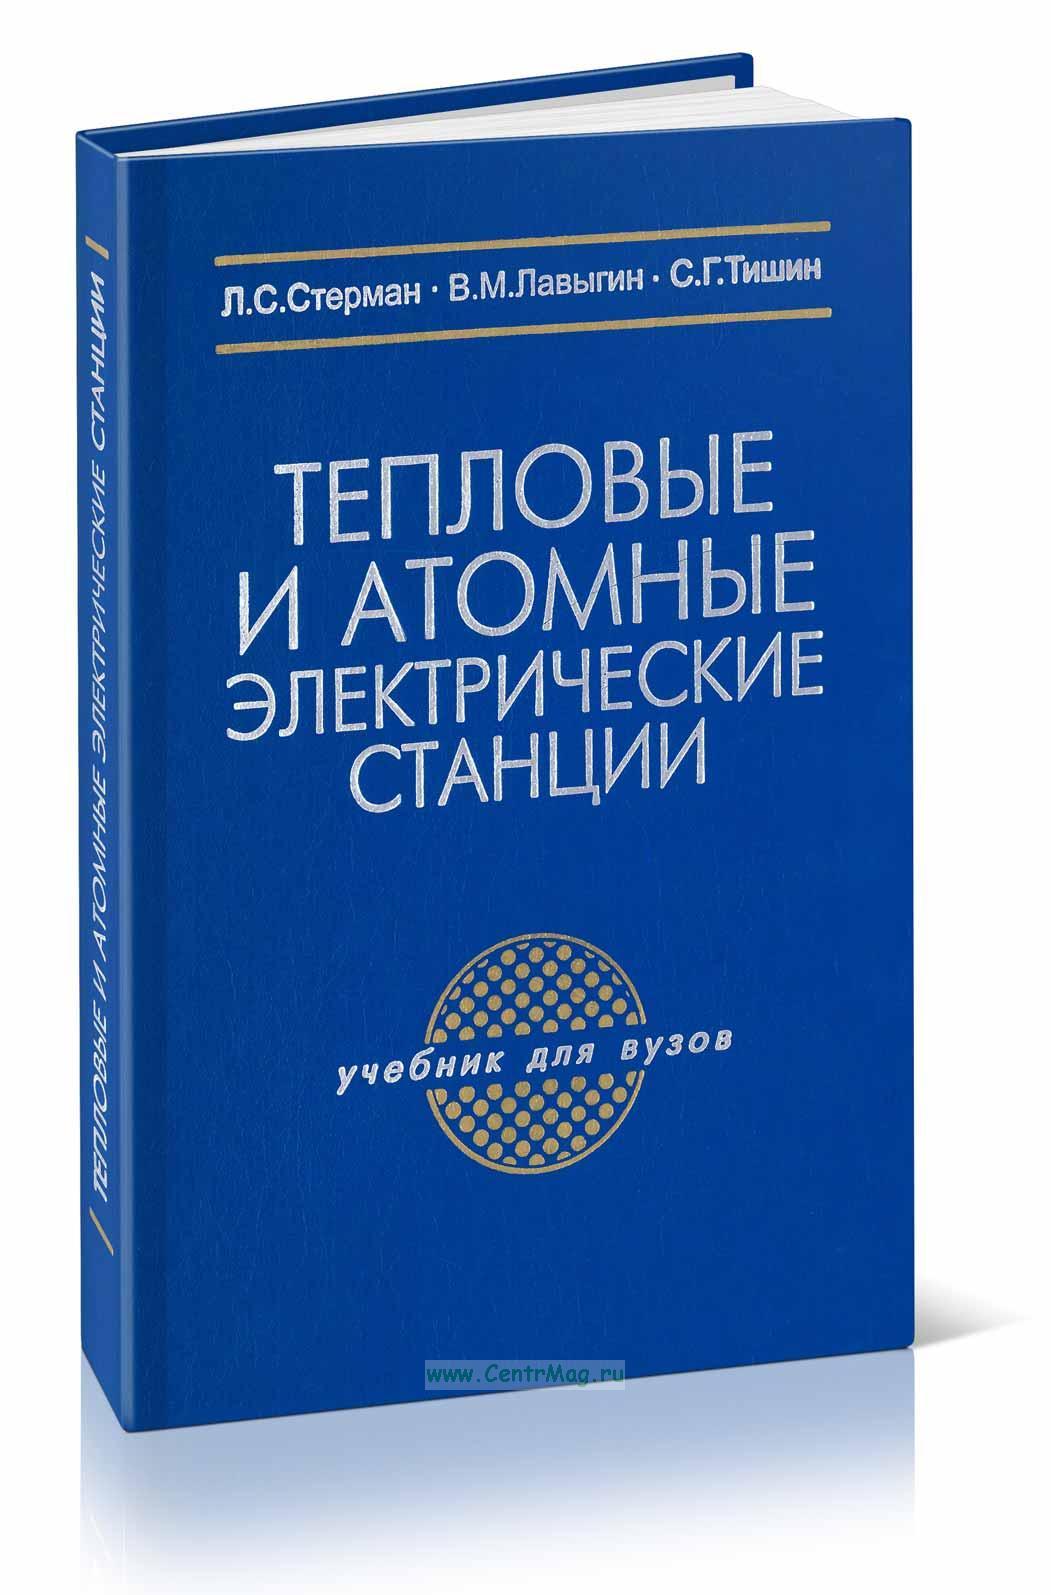 Тепловые и атомные электрические станции: учебник для вузов (5-е издание, переработанное и дополненное)